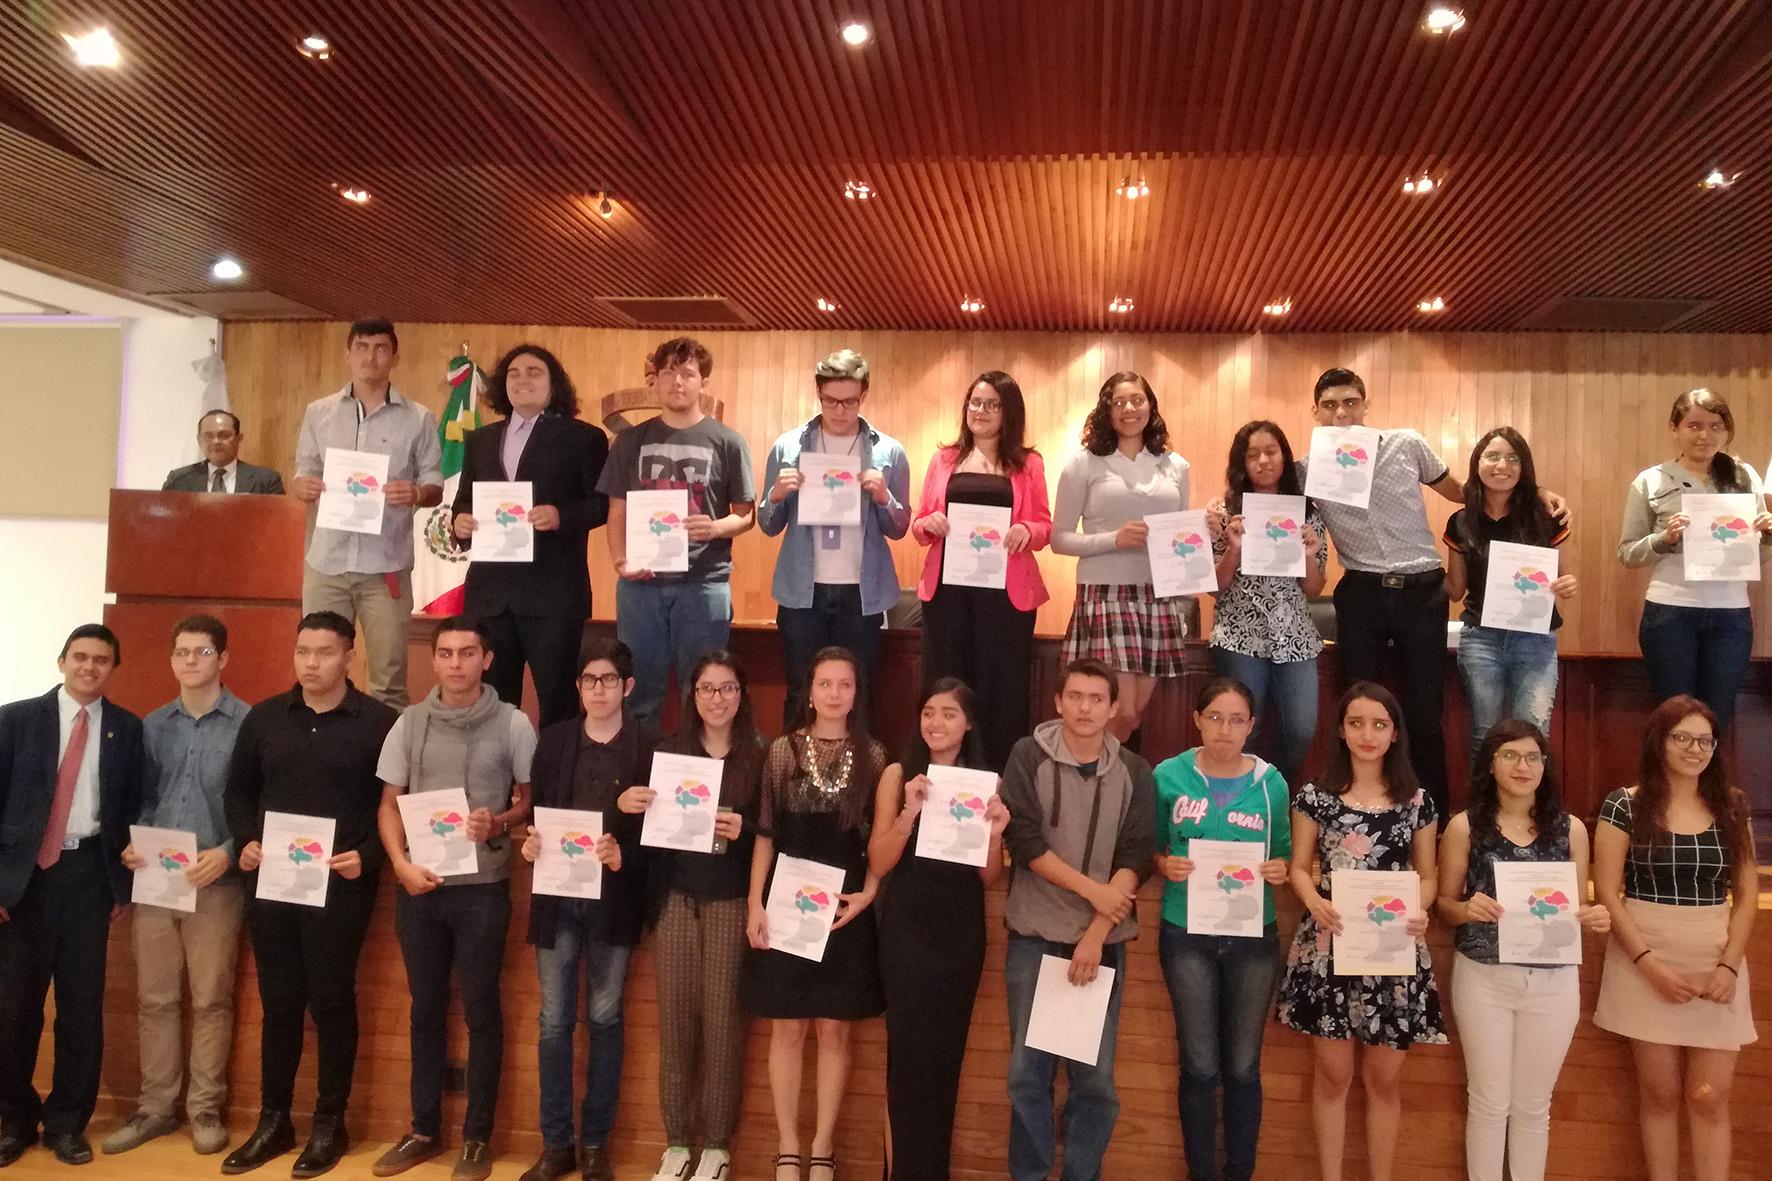 Estudiantes del Sistema de Educación Media Superior (SEMS) de la Universidad de Guadalajara, recibiendo reconocimiento, por su participación en la Olimpiada Mexicana de Filosofía.